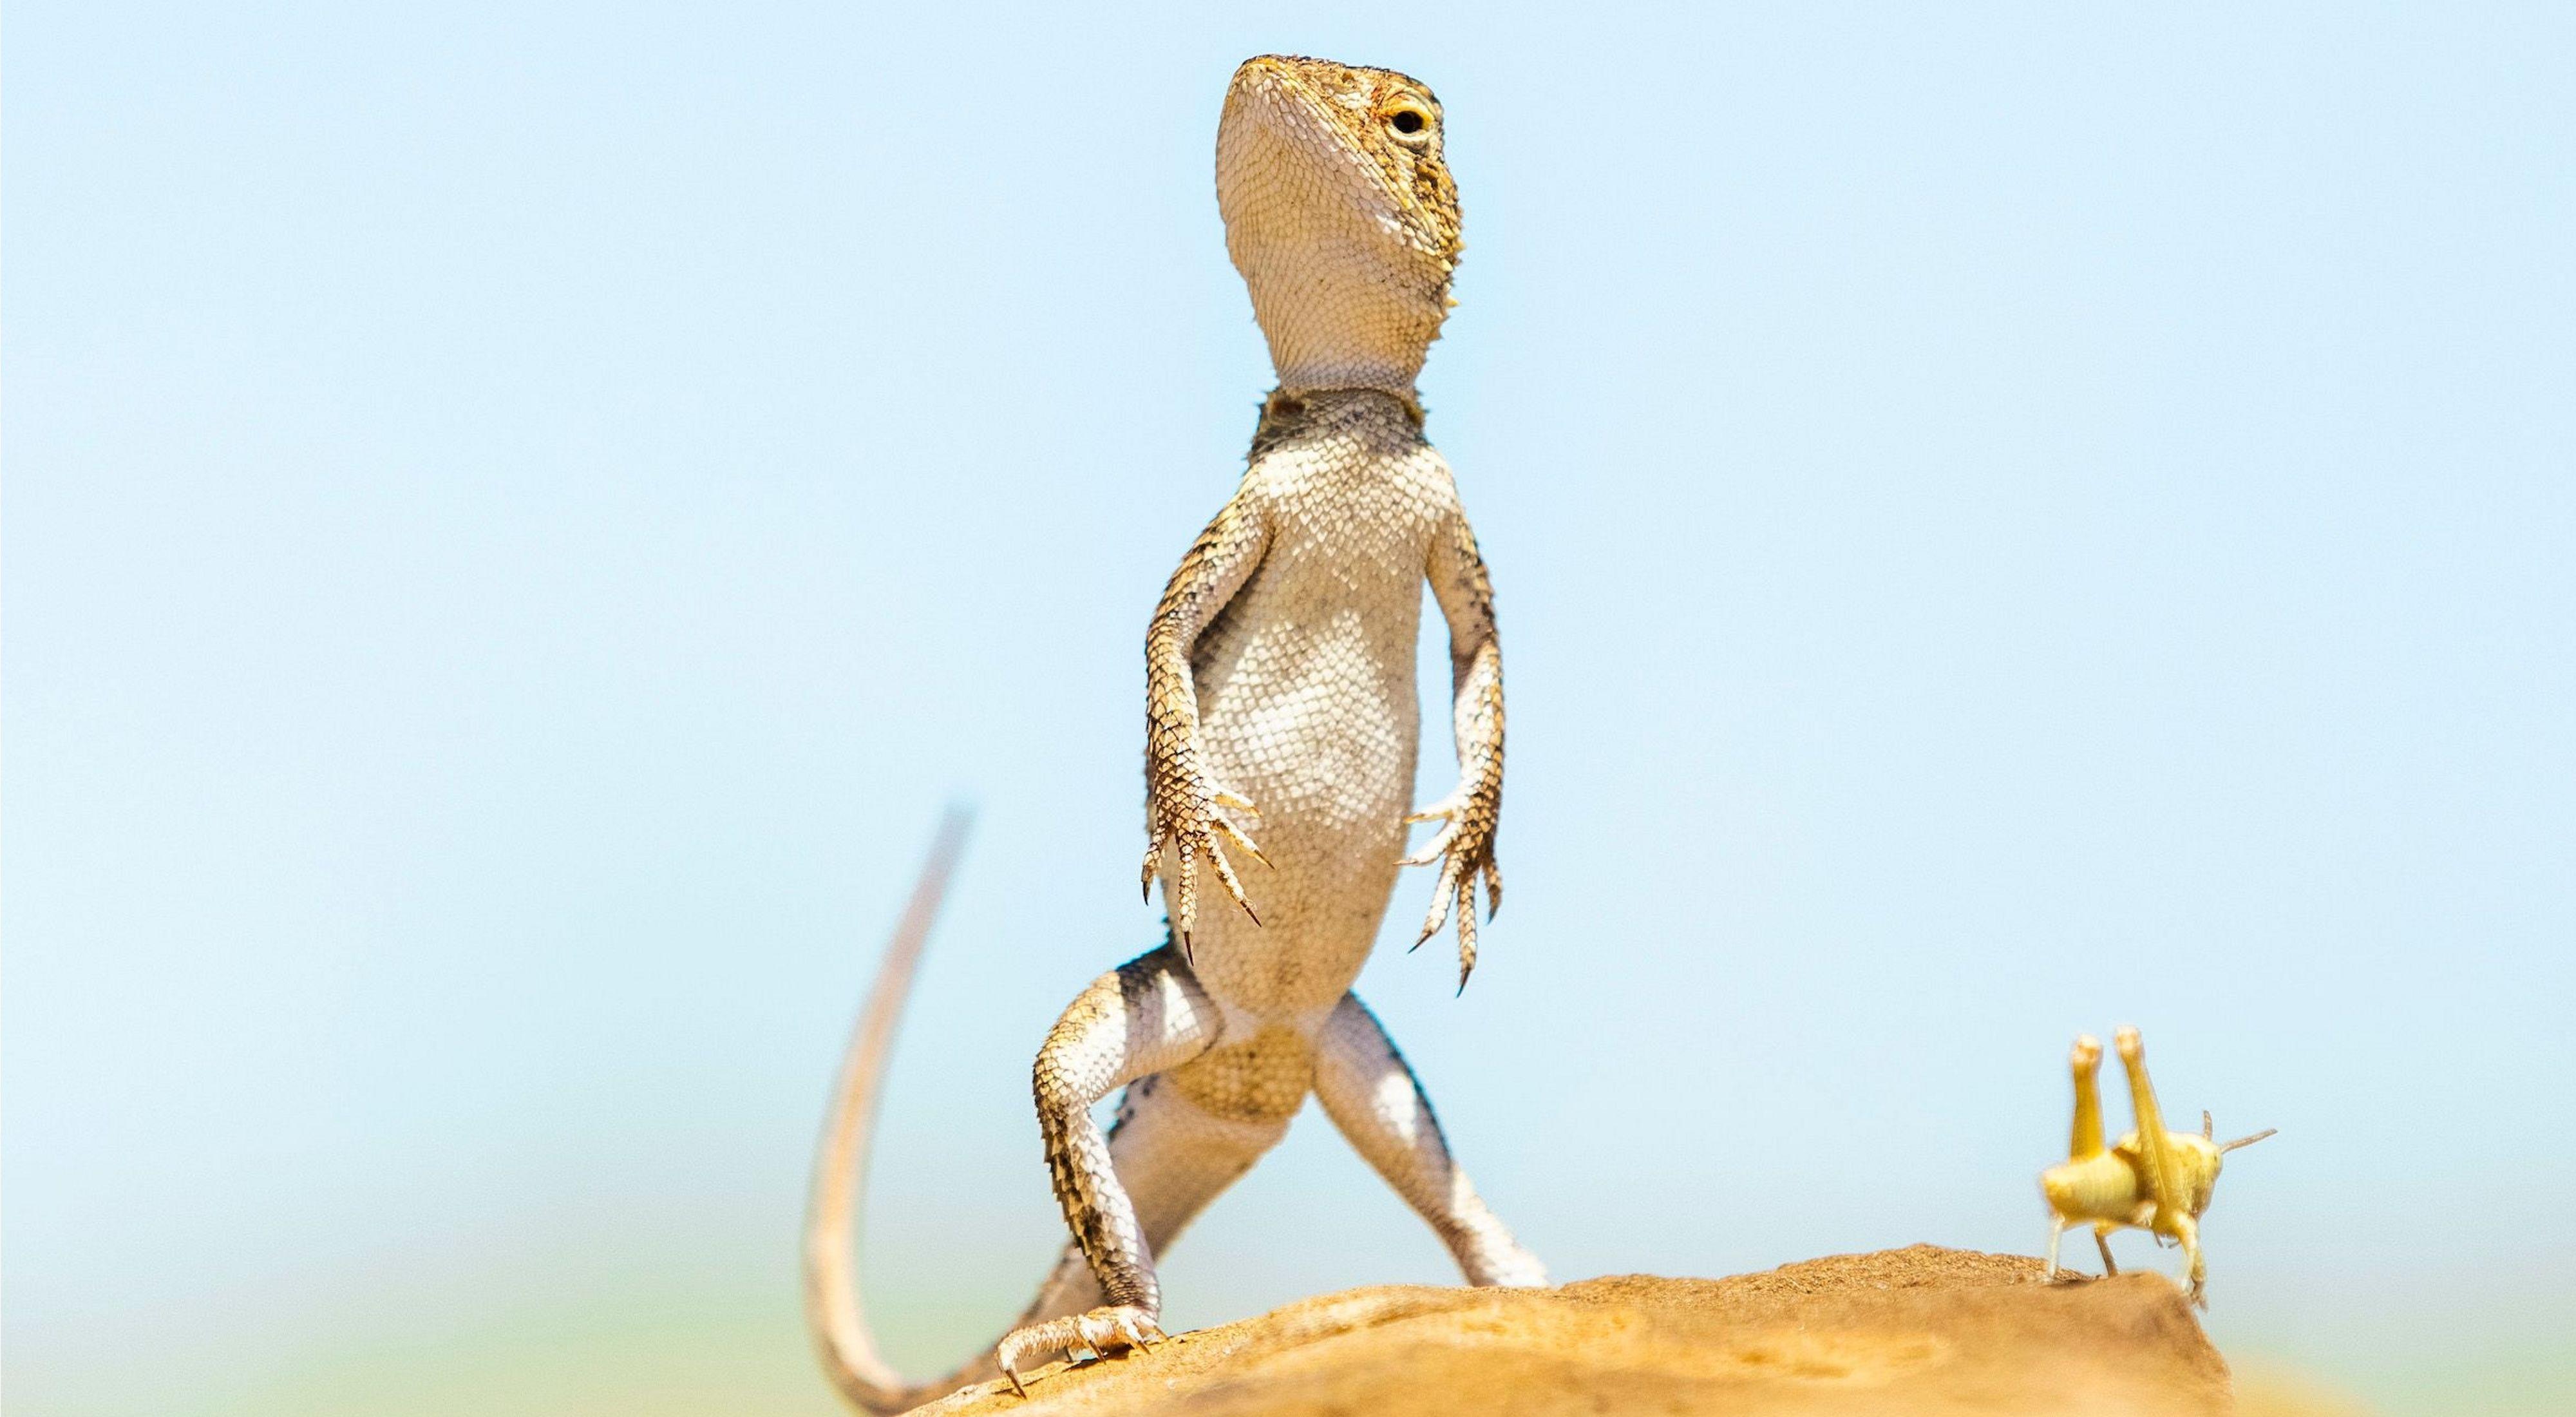 lizard and hopper